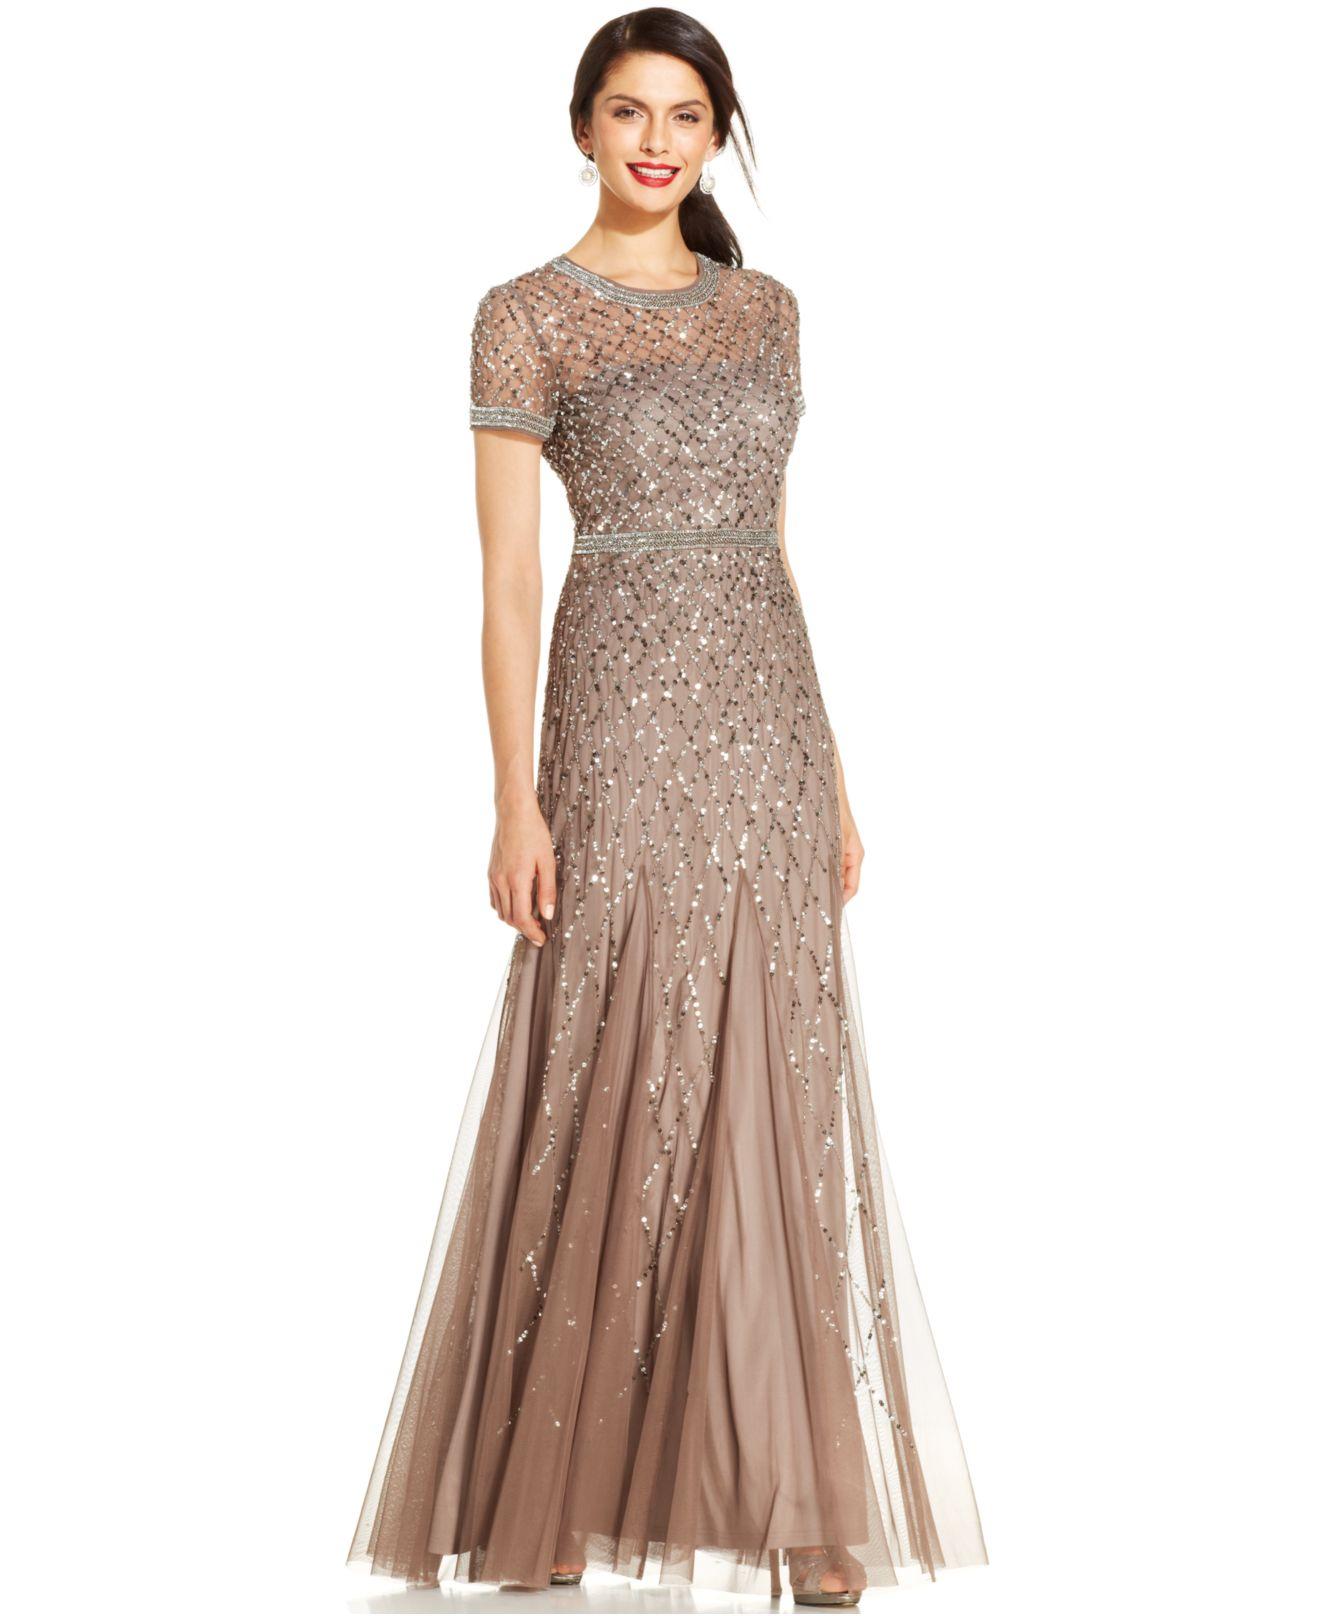 Prom Dresses 2018 Buffalo Ny Prom Dresses Vicky